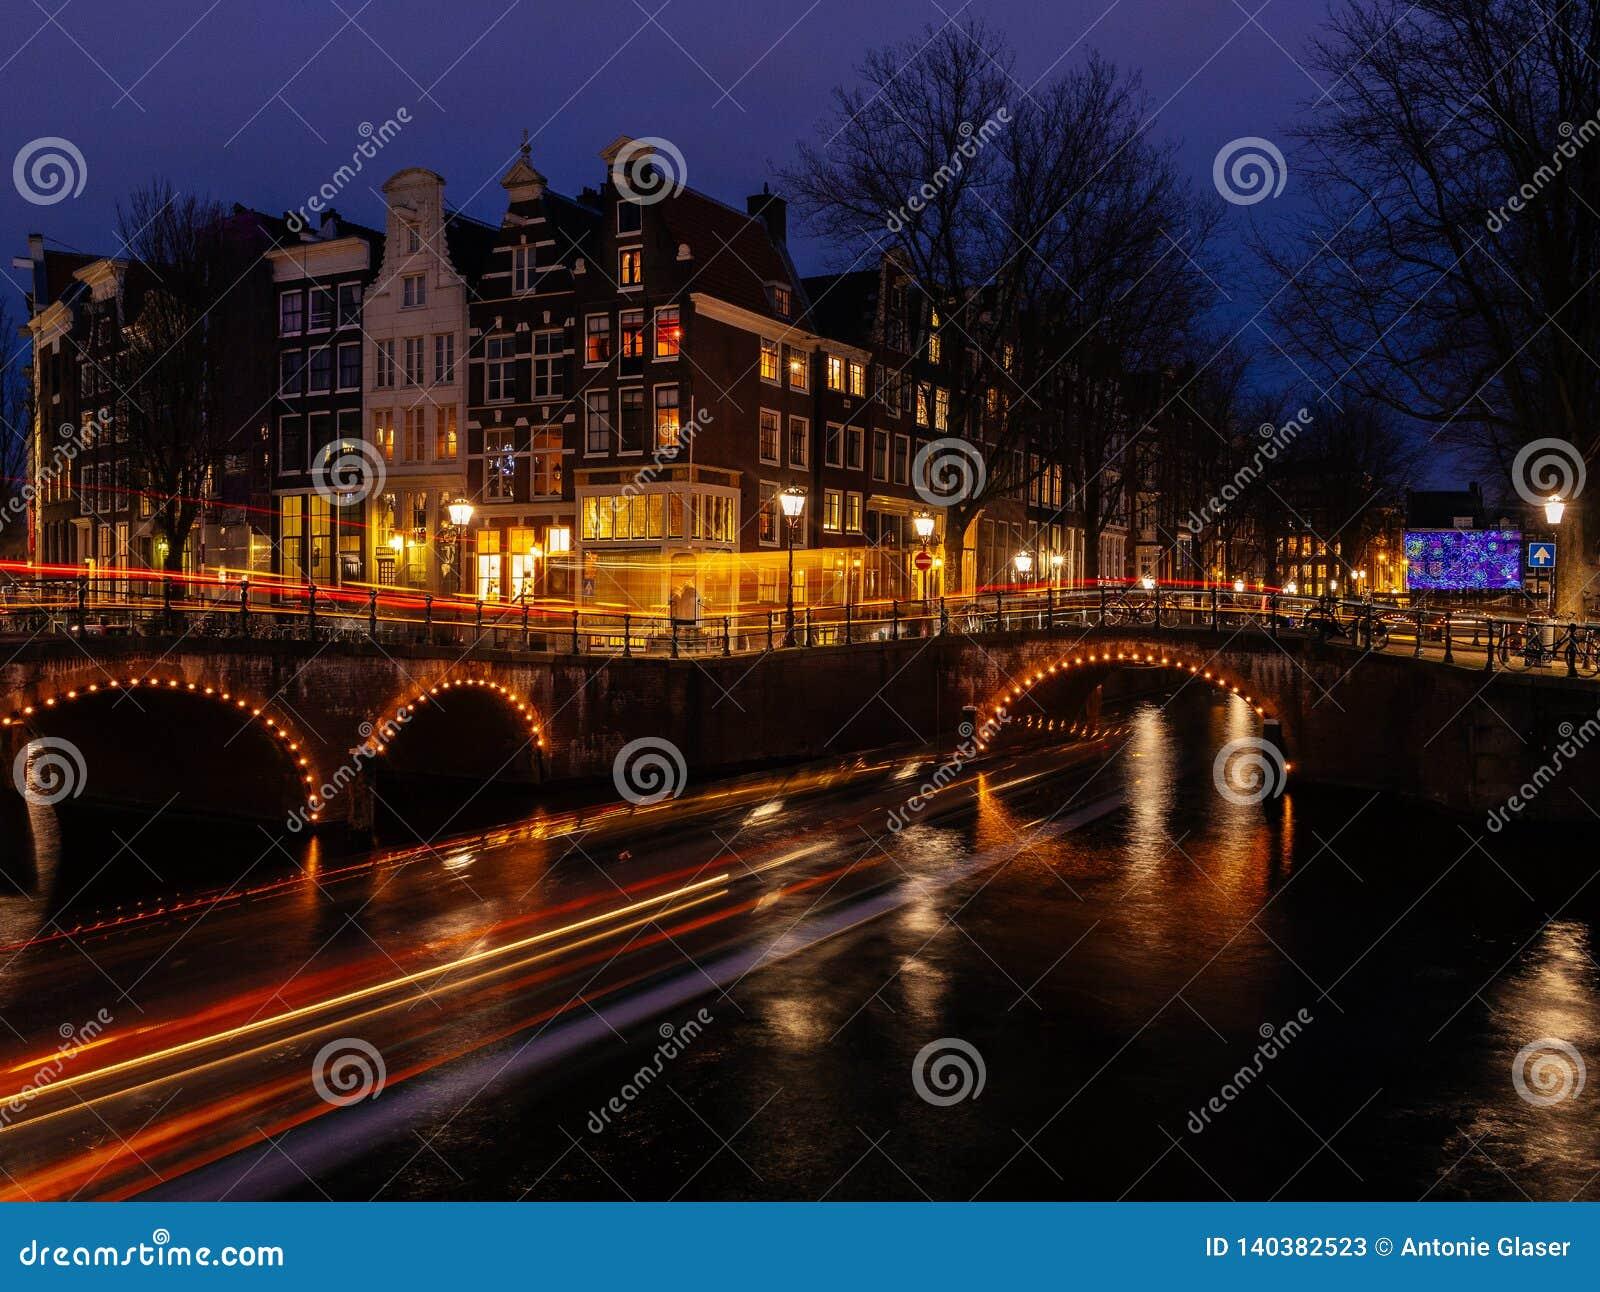 Typische Kanallandschaft Amsterdams nachts mit hellen Spuren und reflektierendem Wasser